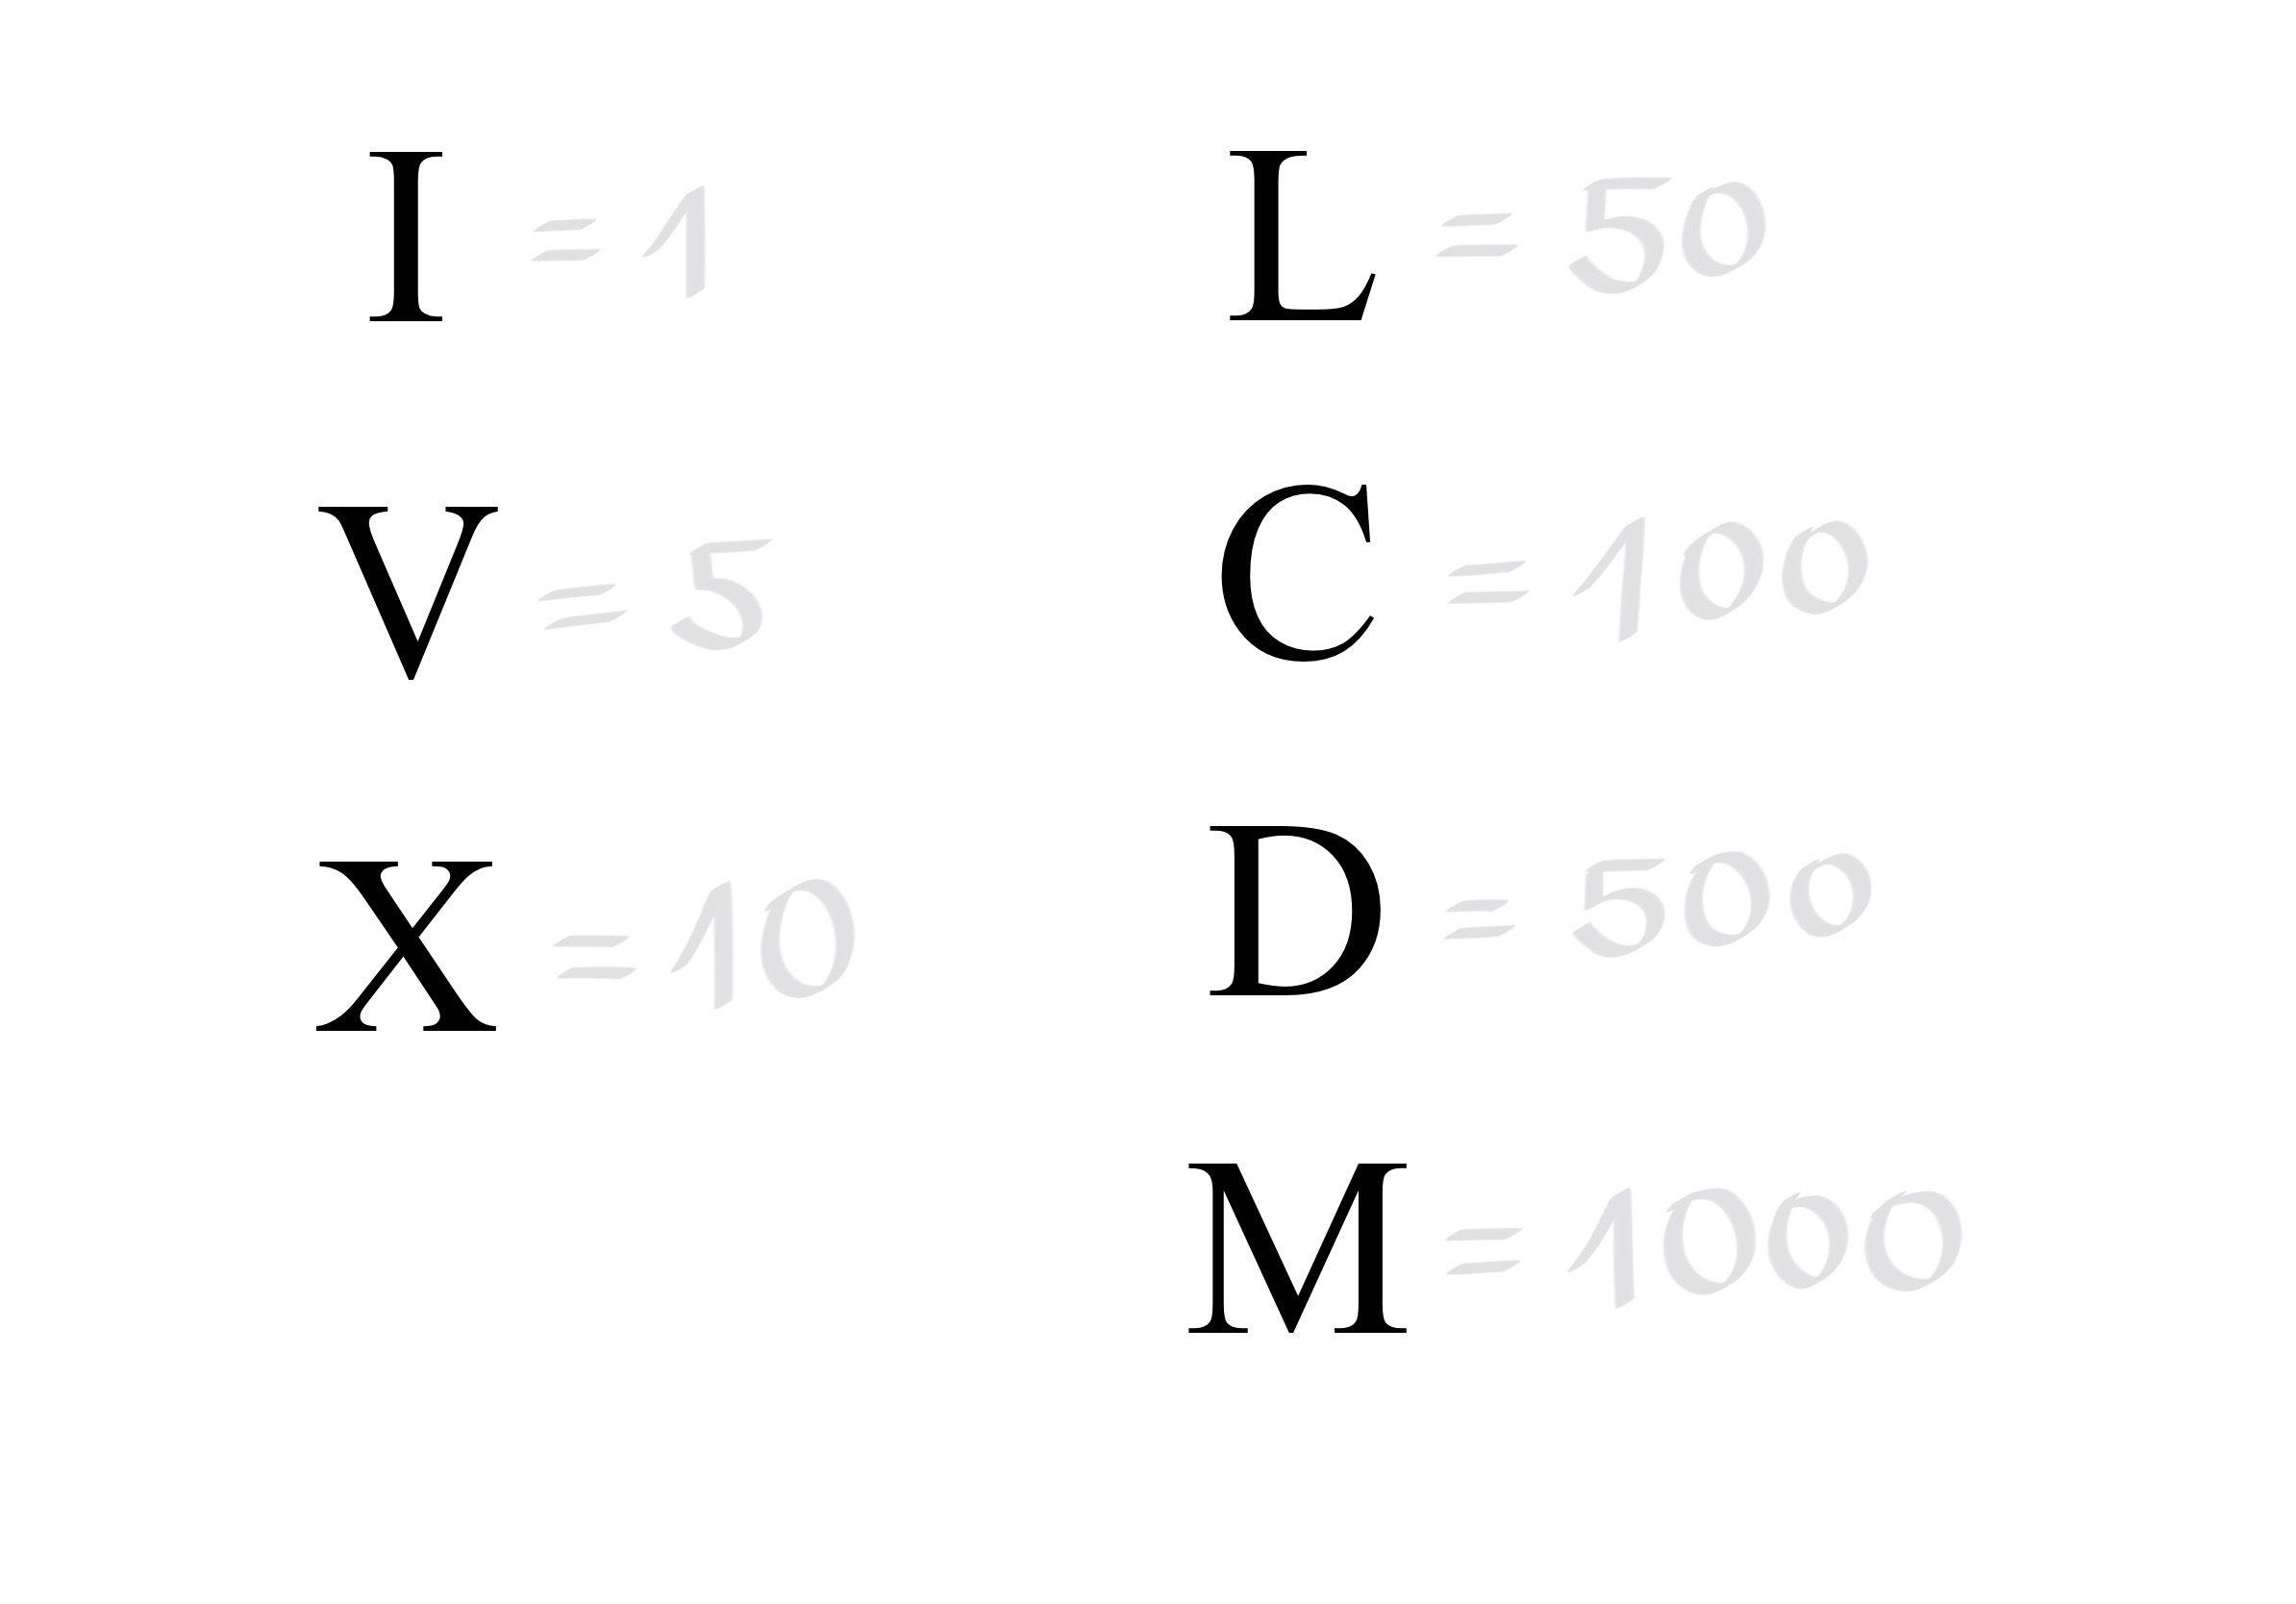 římské číslice převod na arabské: I=1, V=5, X=10, L=50, C=100, D=500, M=1000